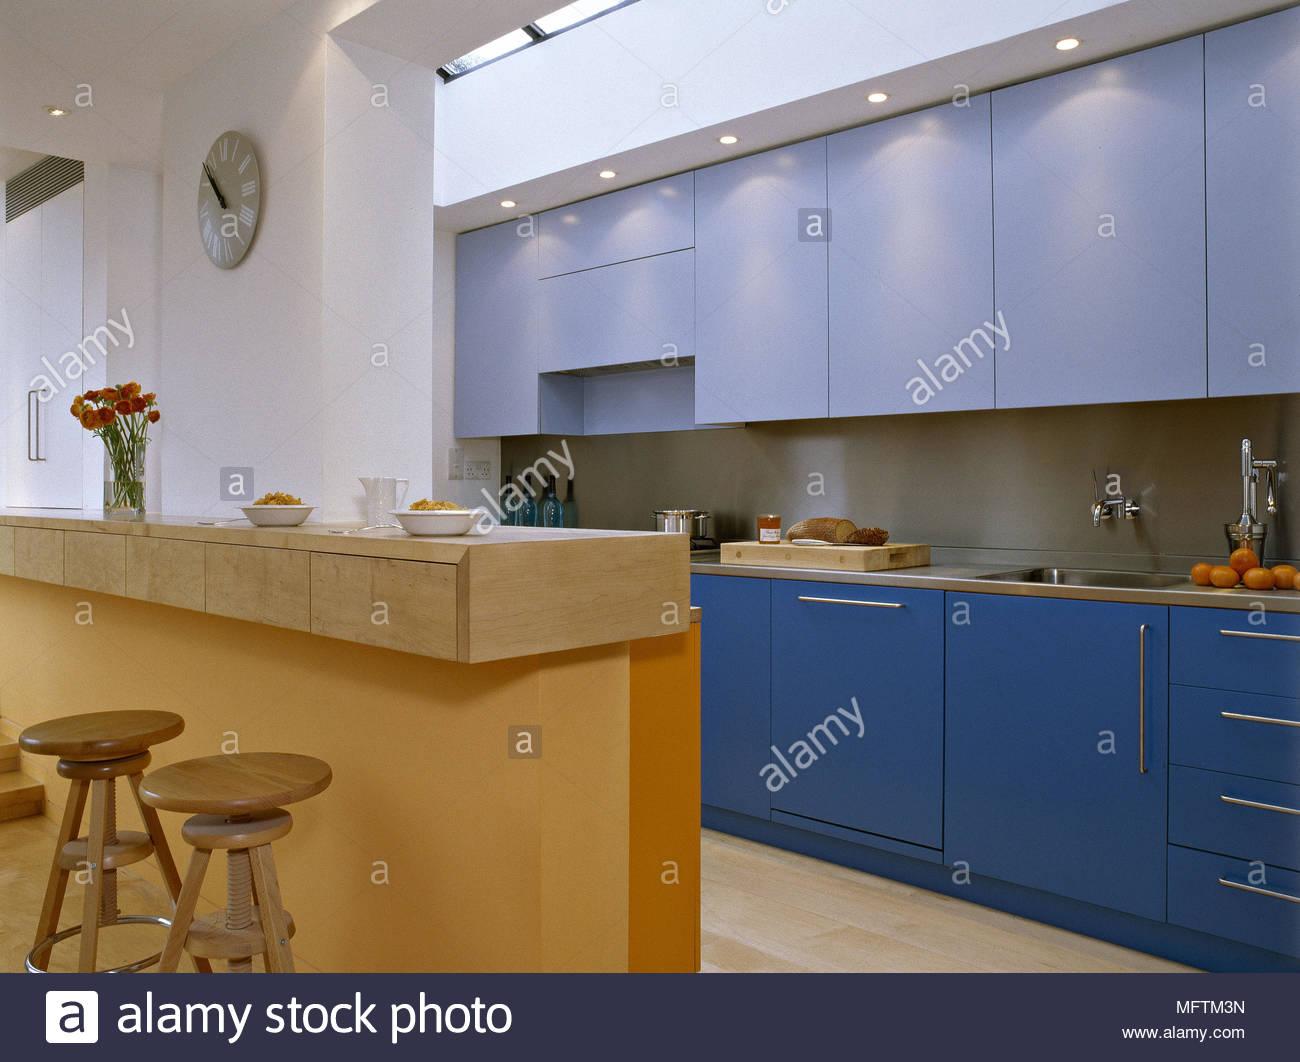 Berühmt Küche Barhocker Ikea Uk Fotos - Ideen Für Die Küche ...